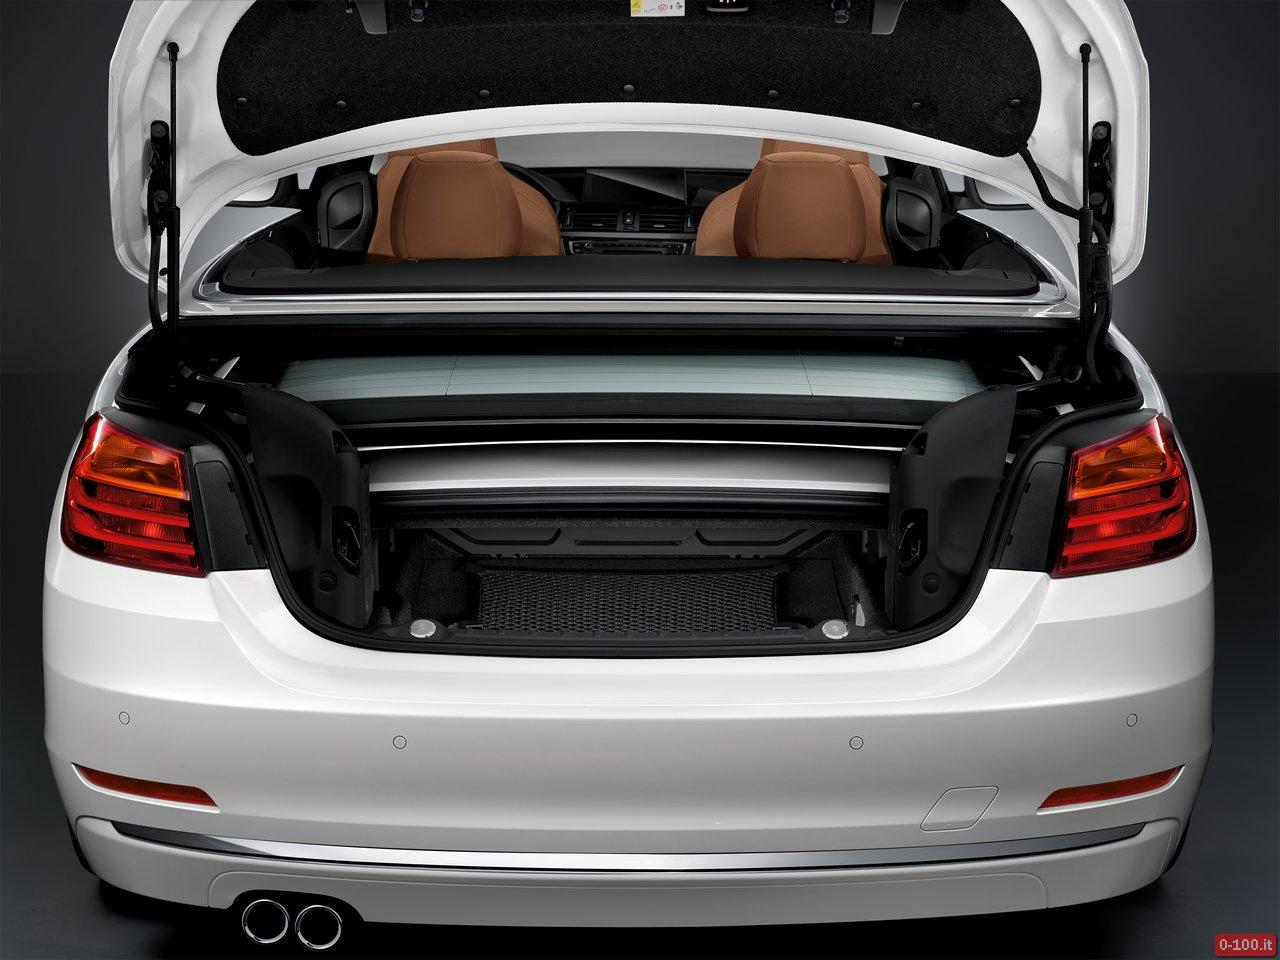 BMW-serie-4-cabrio-420d-428i-435i-cabrio_50